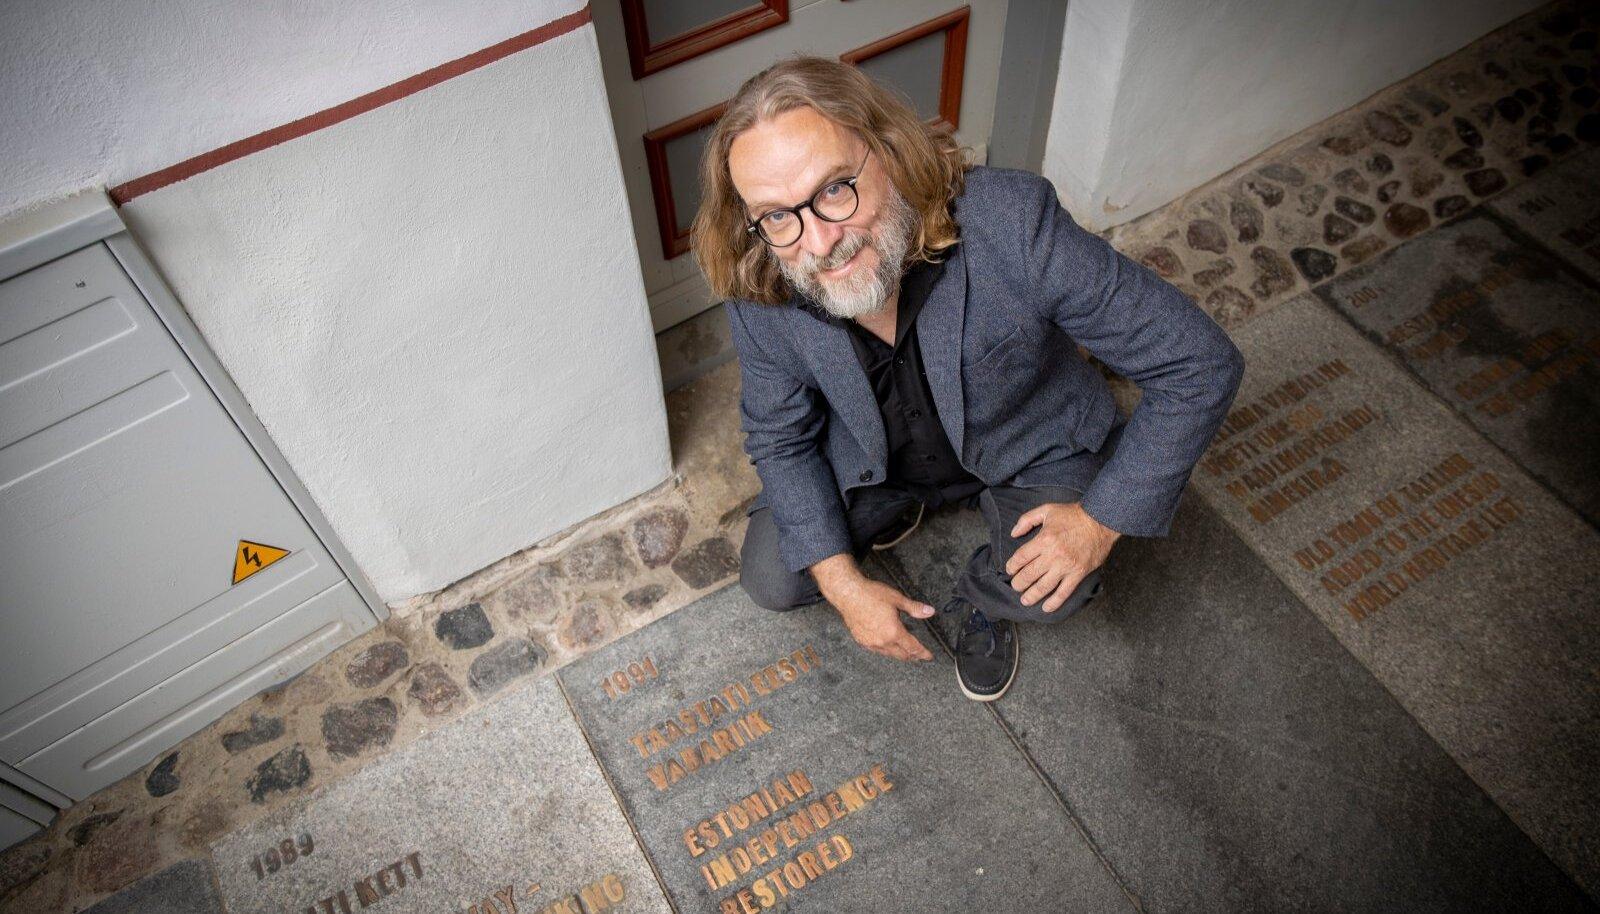 Margus Kasterpalu loodab, et piirangutest hoolimata õnnestub ühistunne tekitada laulupesade loomisega. Fotol on Kasterpalu Tallinna vanalinnas Börsi käigu ajajoone juures.